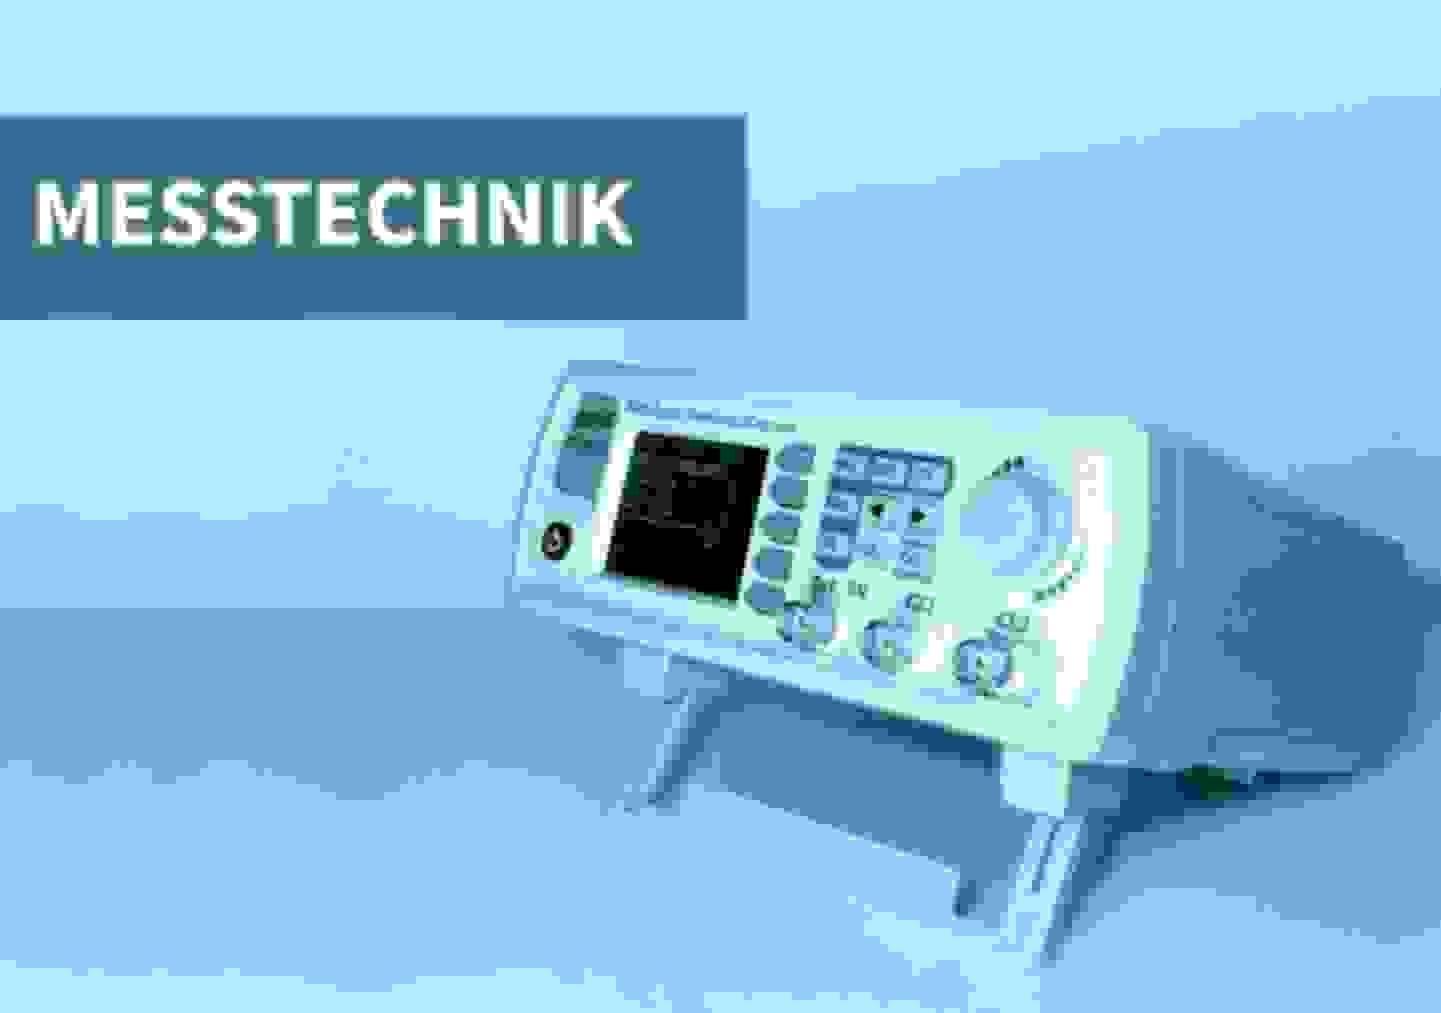 Messtechnik